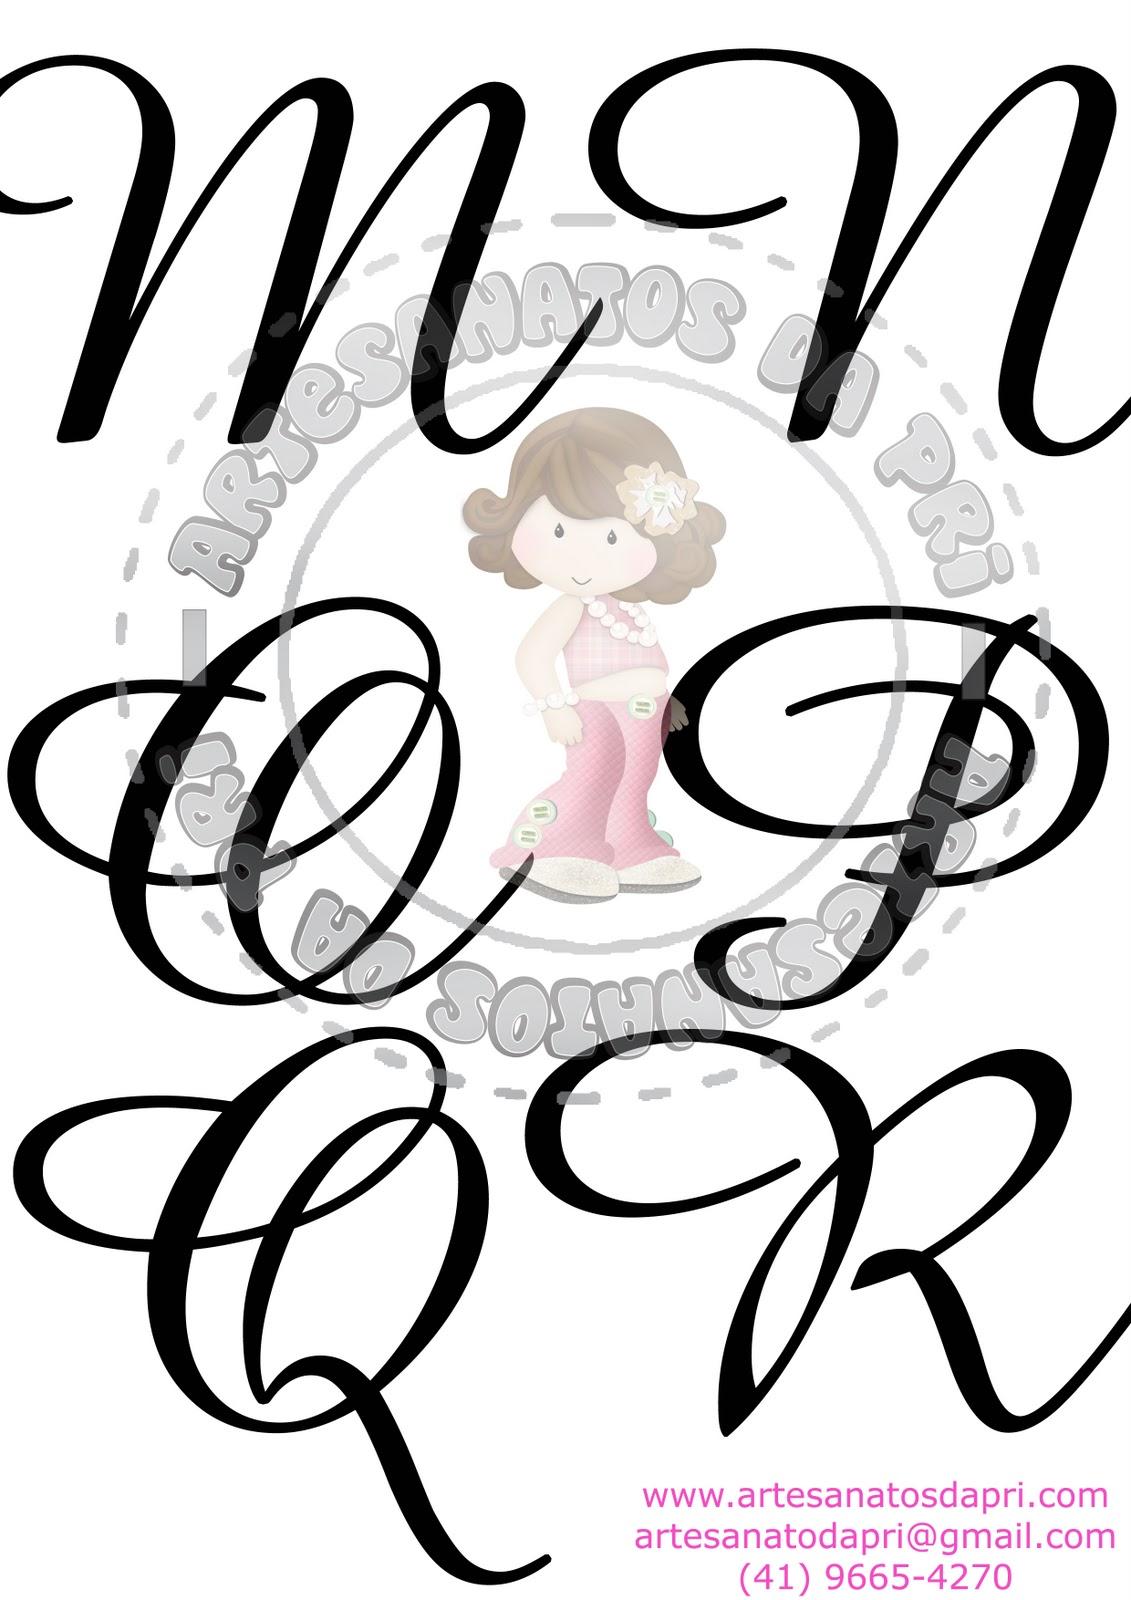 Artesanatos da Pri*: Moldes letras para enfeites de porta